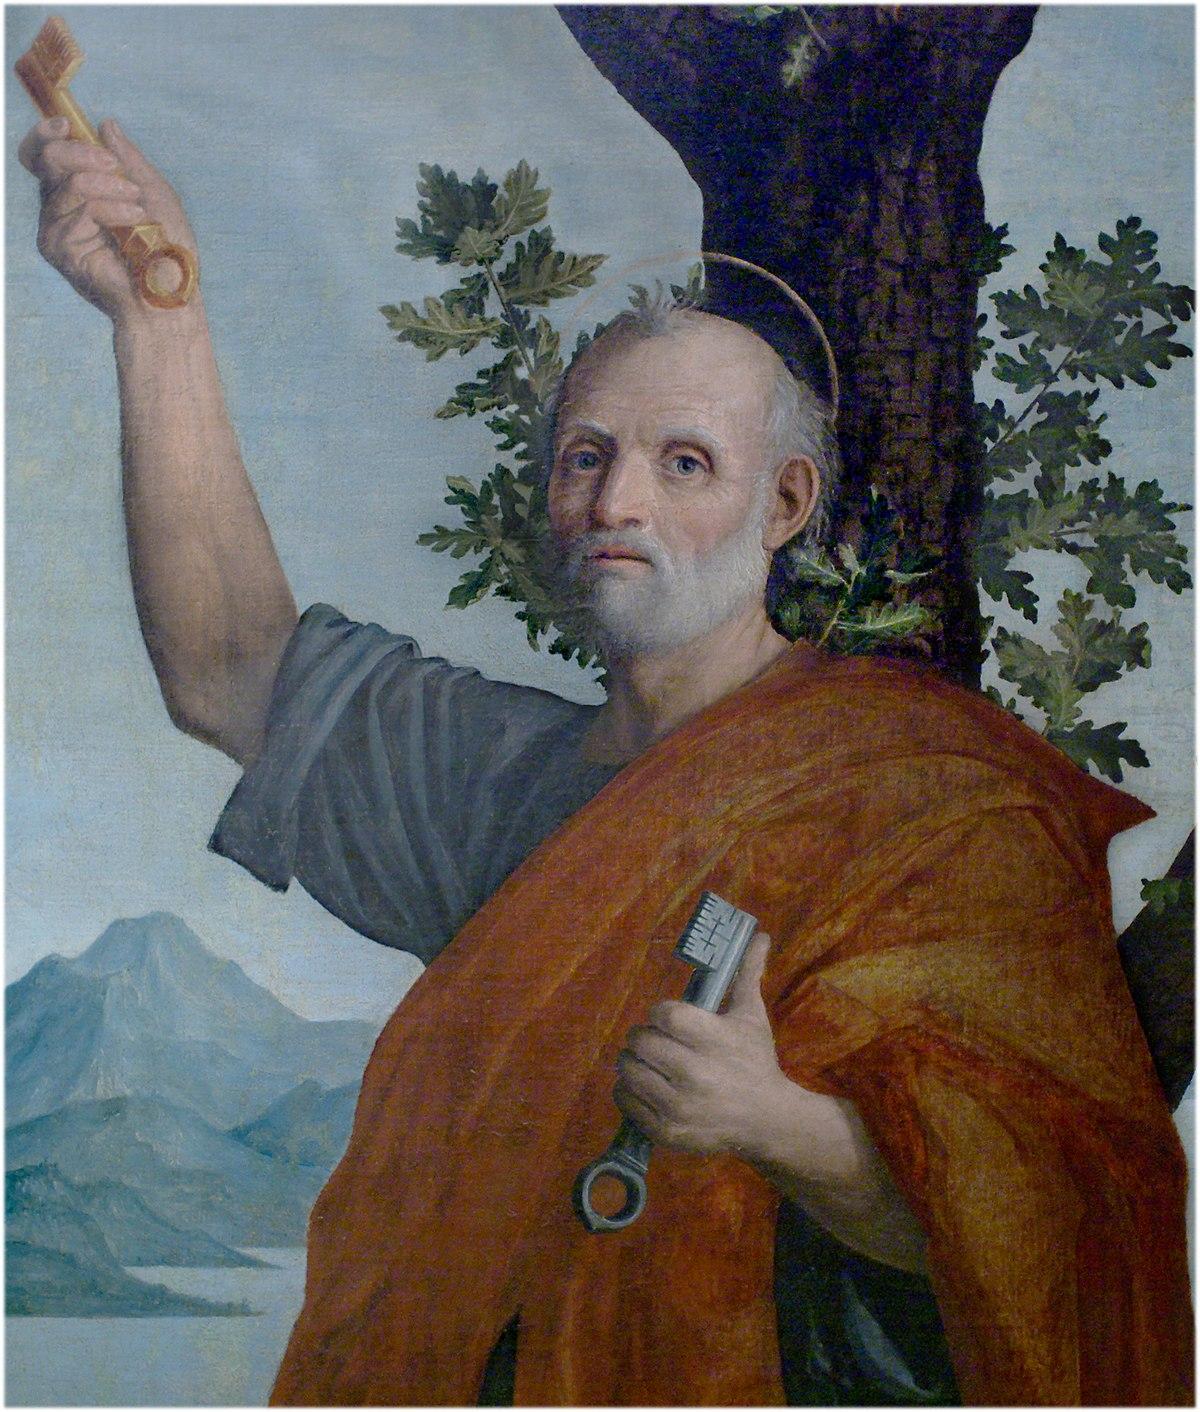 Saint Peter - Wikiquote